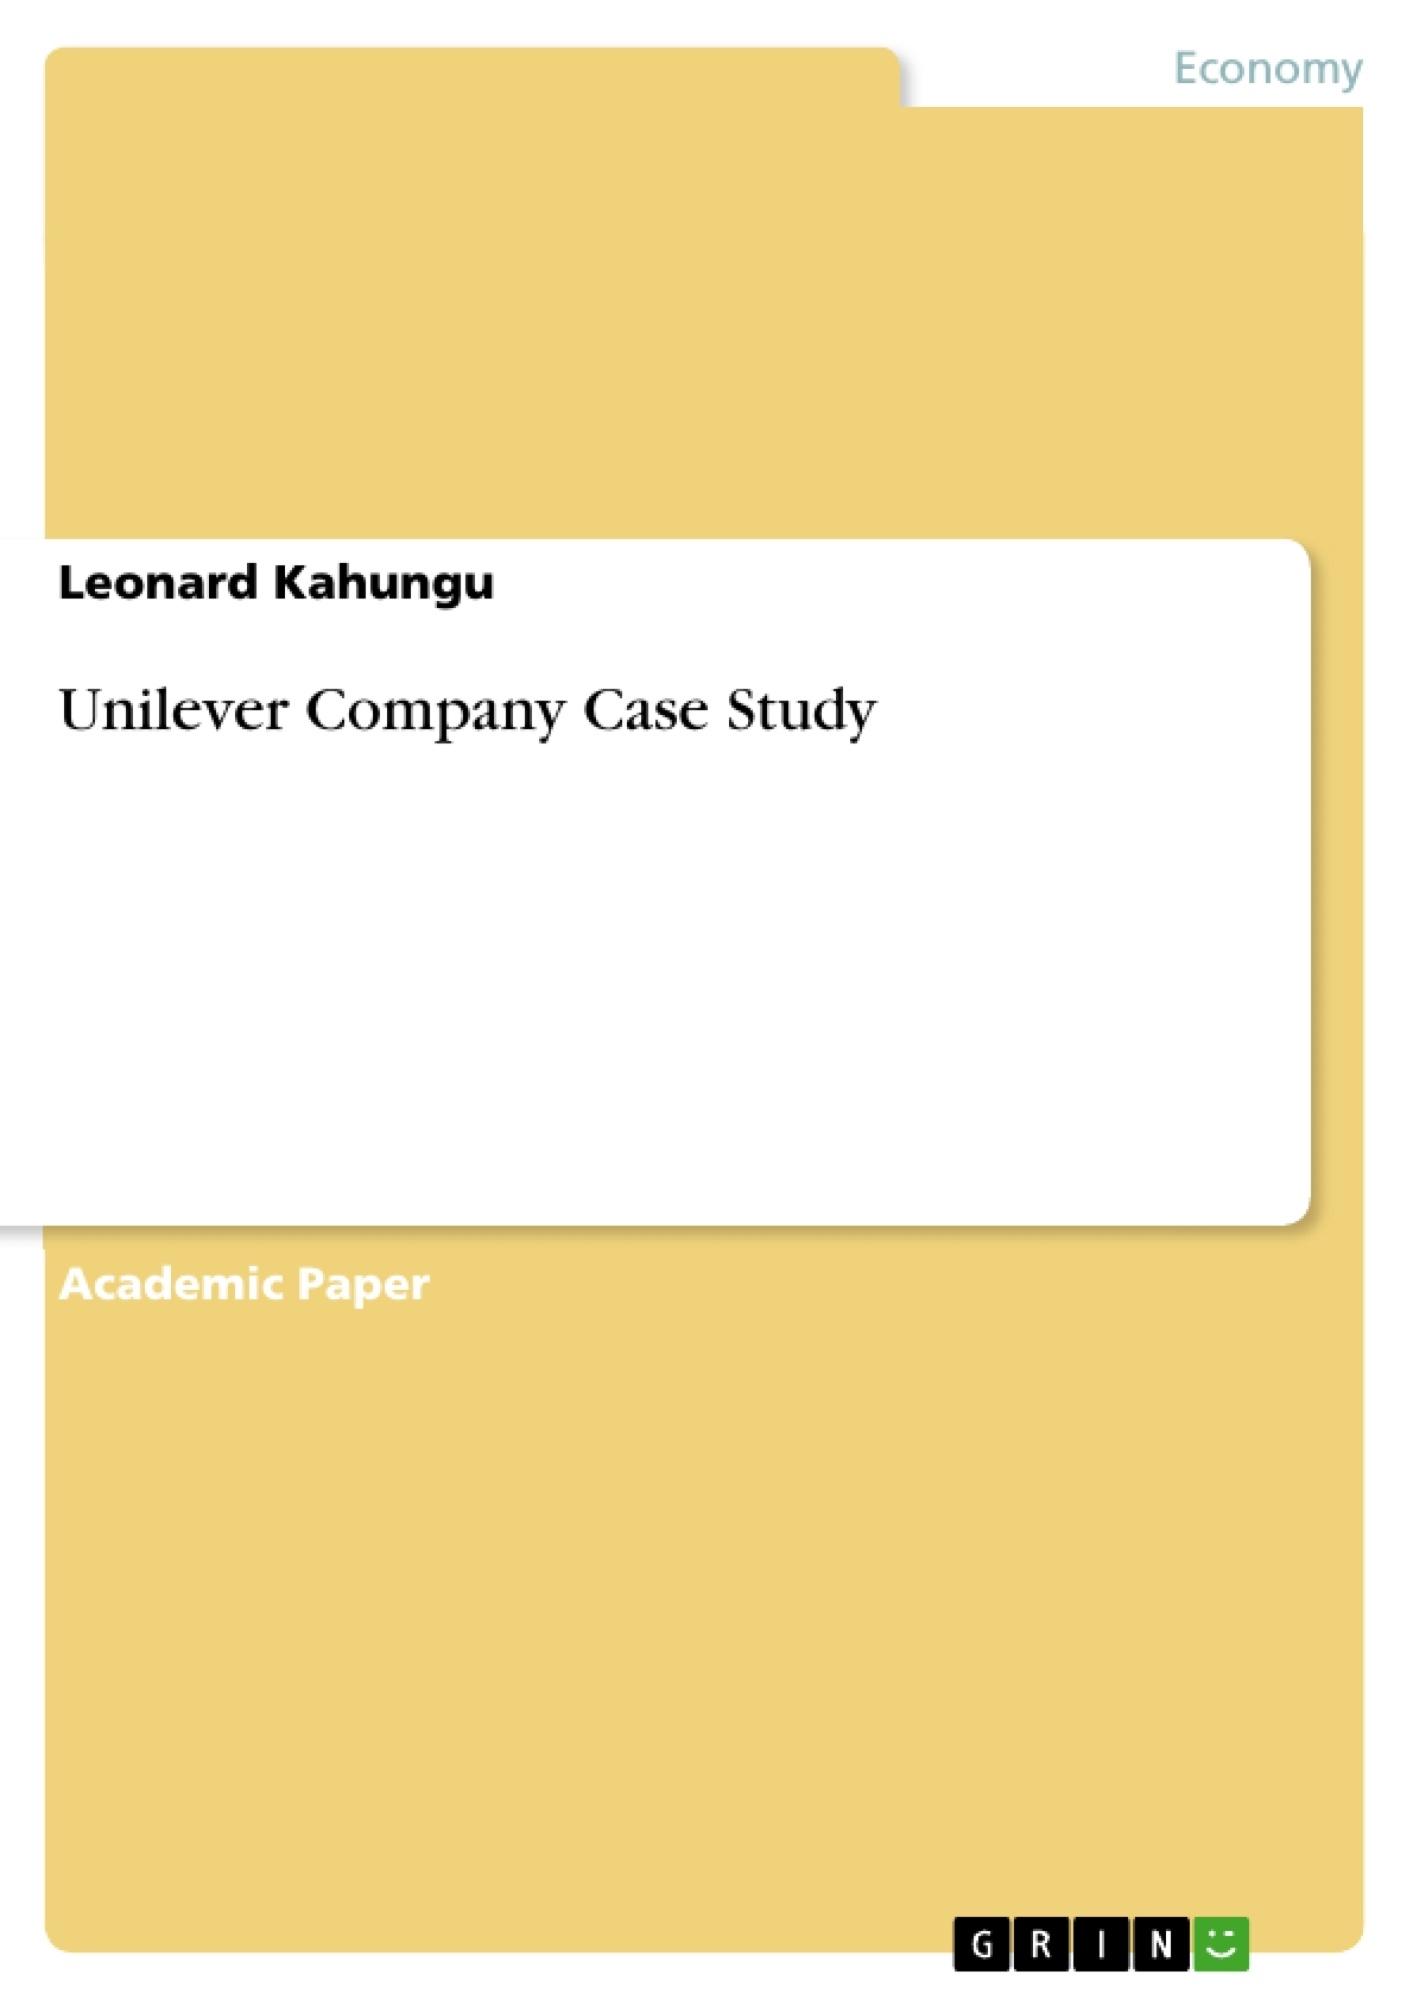 Title: Unilever Company Case Study